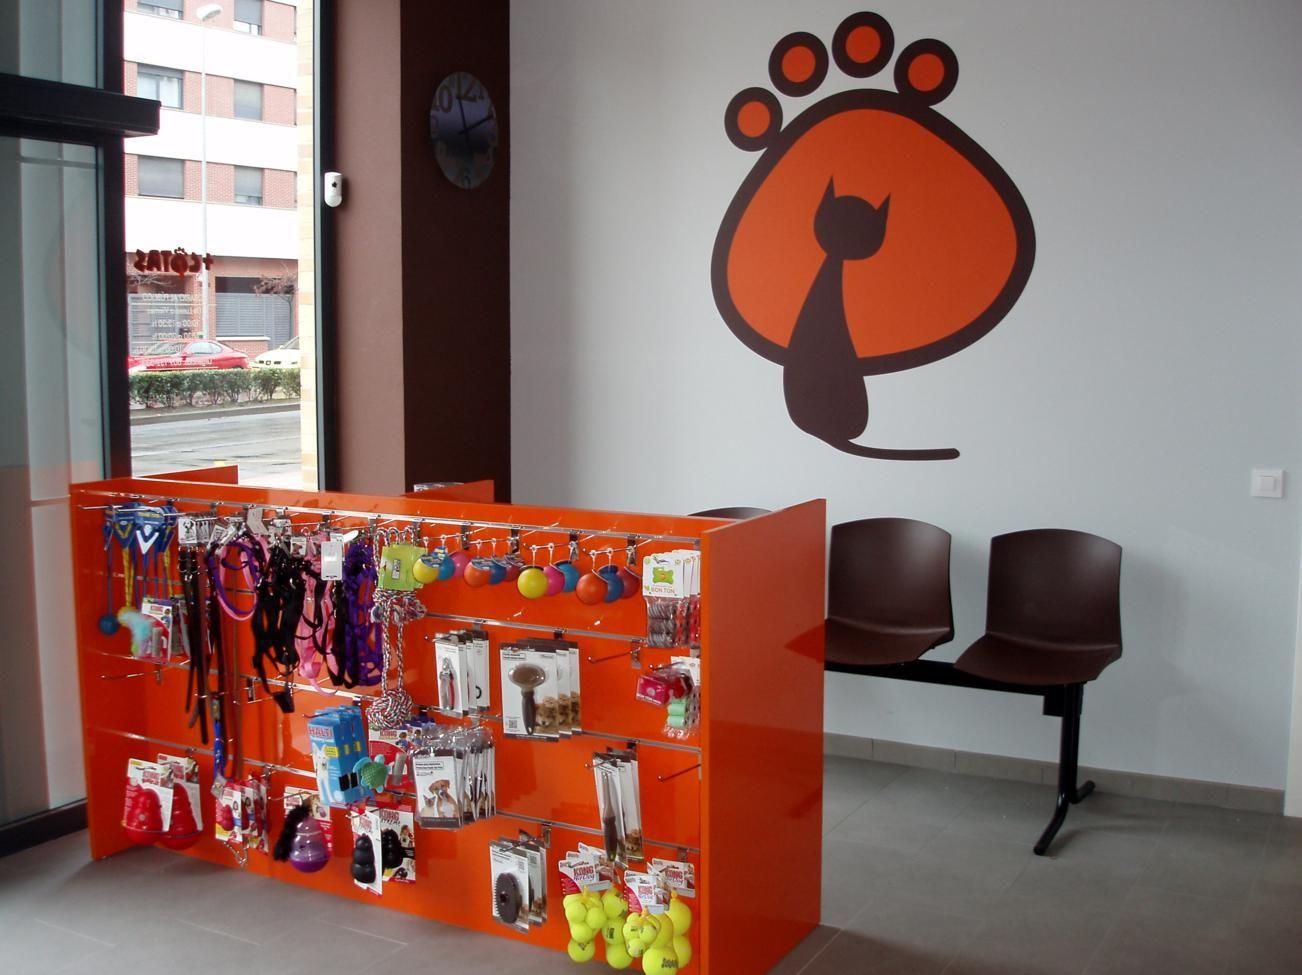 Sala De Espera Y Expositor De Cl Nica Veterinaria Valdecantos  # Muebles Logrono